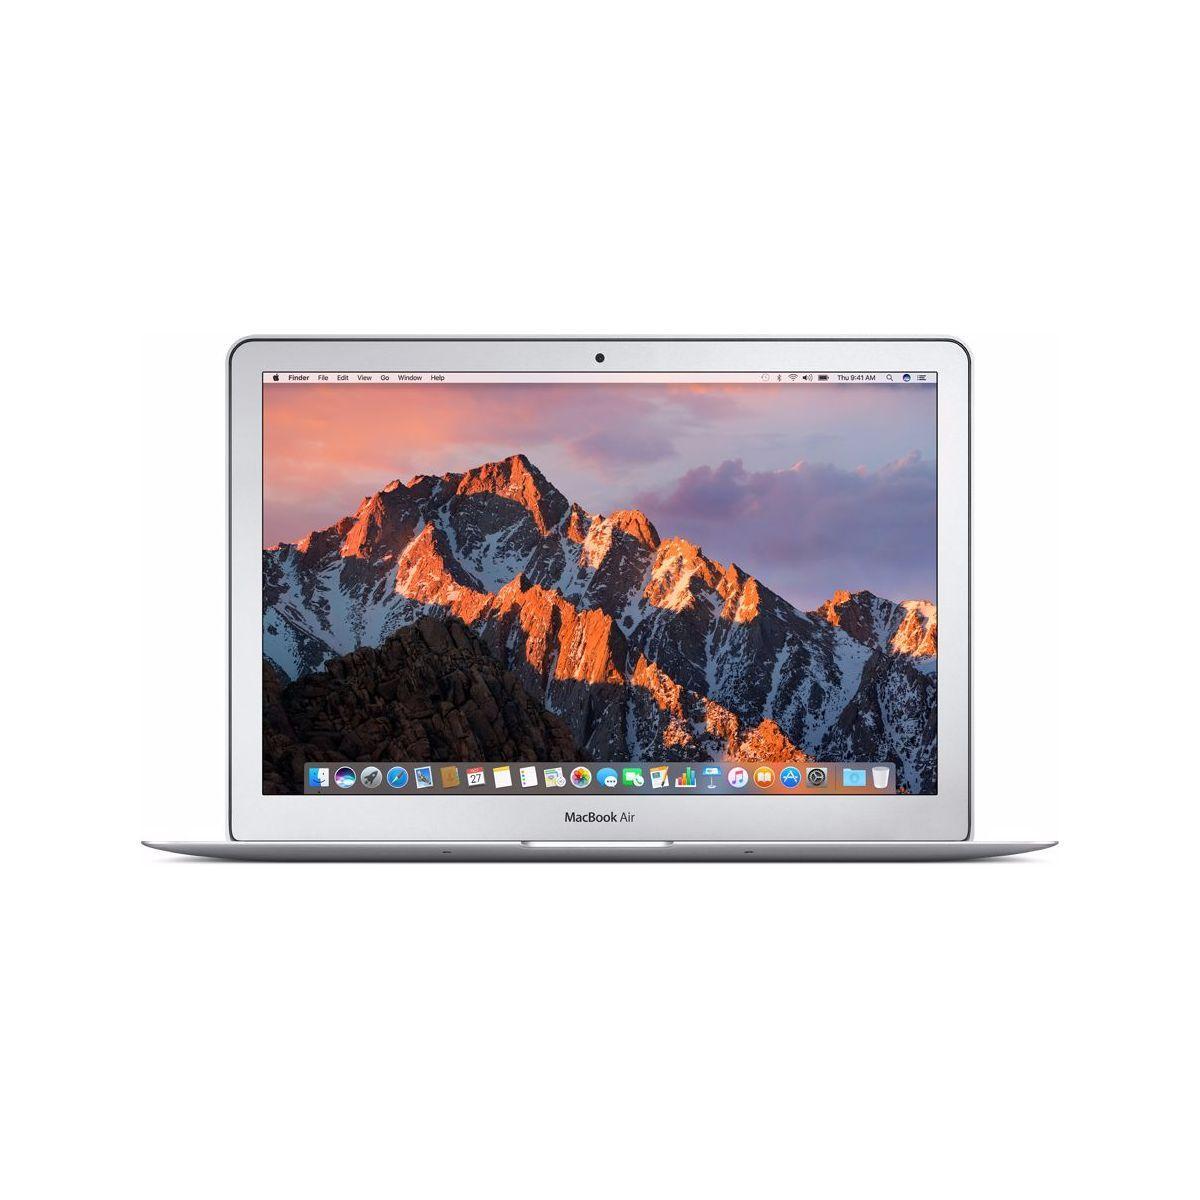 Portable macbook air 13'' i5 1.8ghz 256g